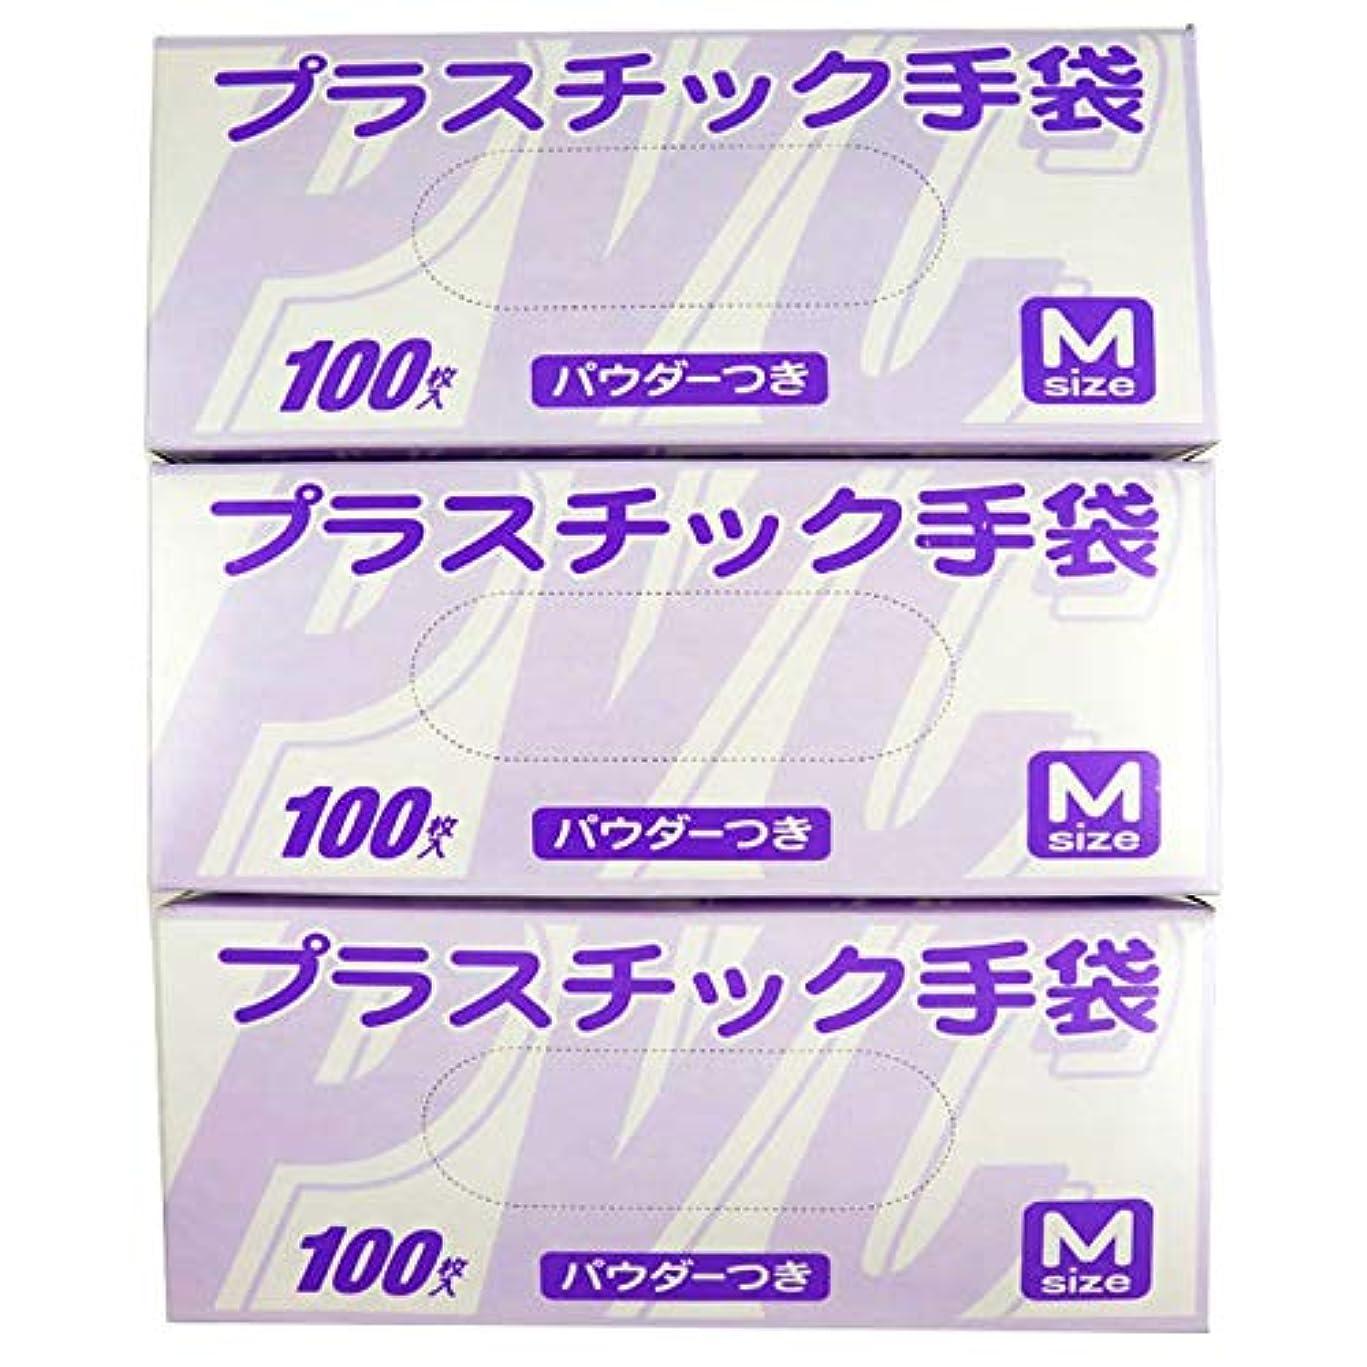 隙間ハチ月曜【お得なセット商品】(300枚) 使い捨て手袋 プラスチックグローブ 粉付 Mサイズ 100枚入×3個セット 超薄手 破れにくい 101022